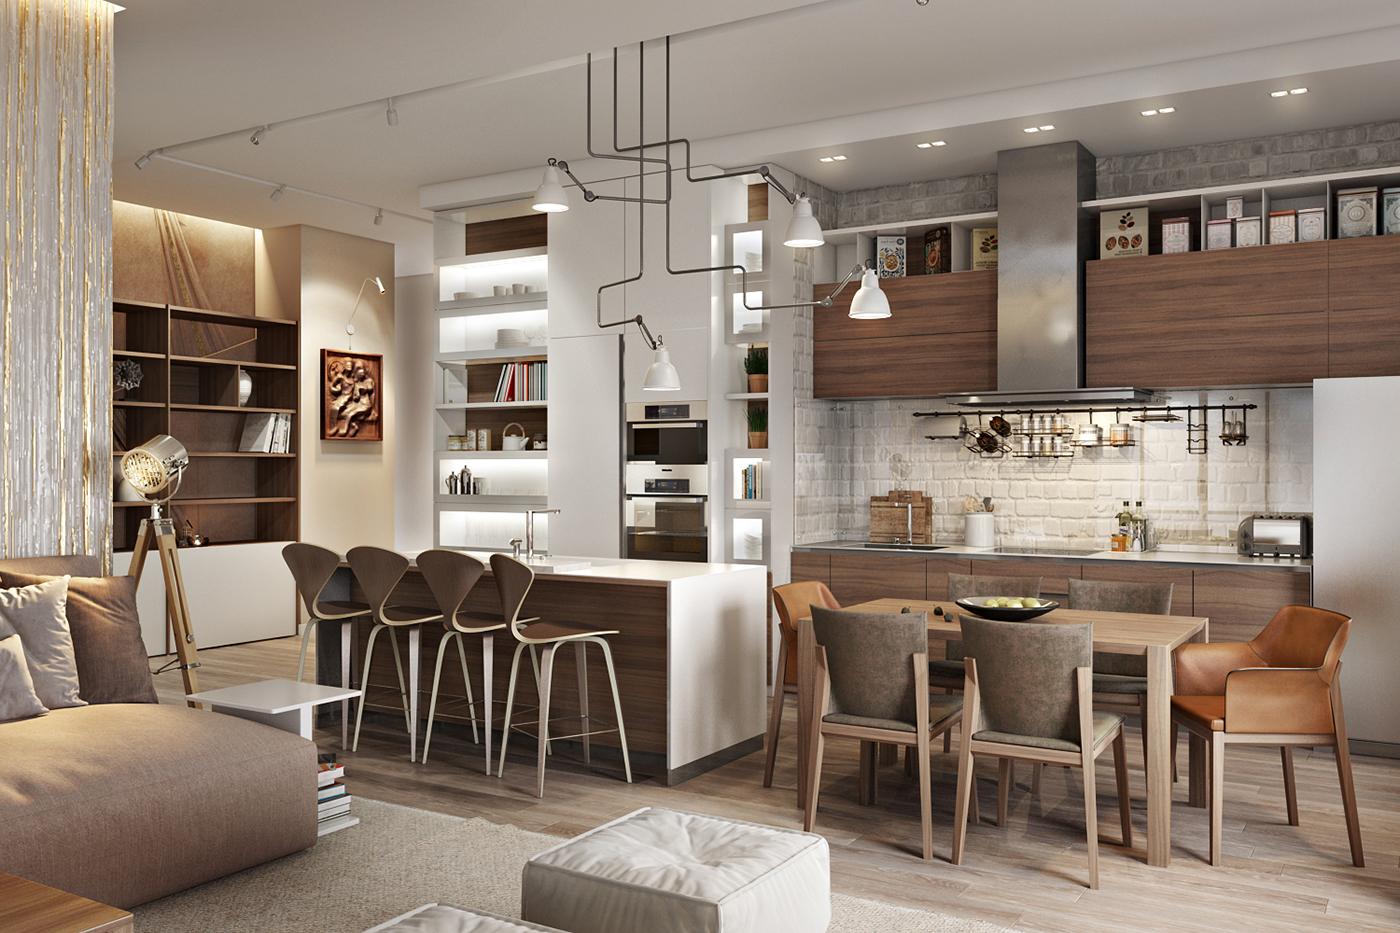 Loft Cozinhas Que S O Tend Ncia Casinha Colorida